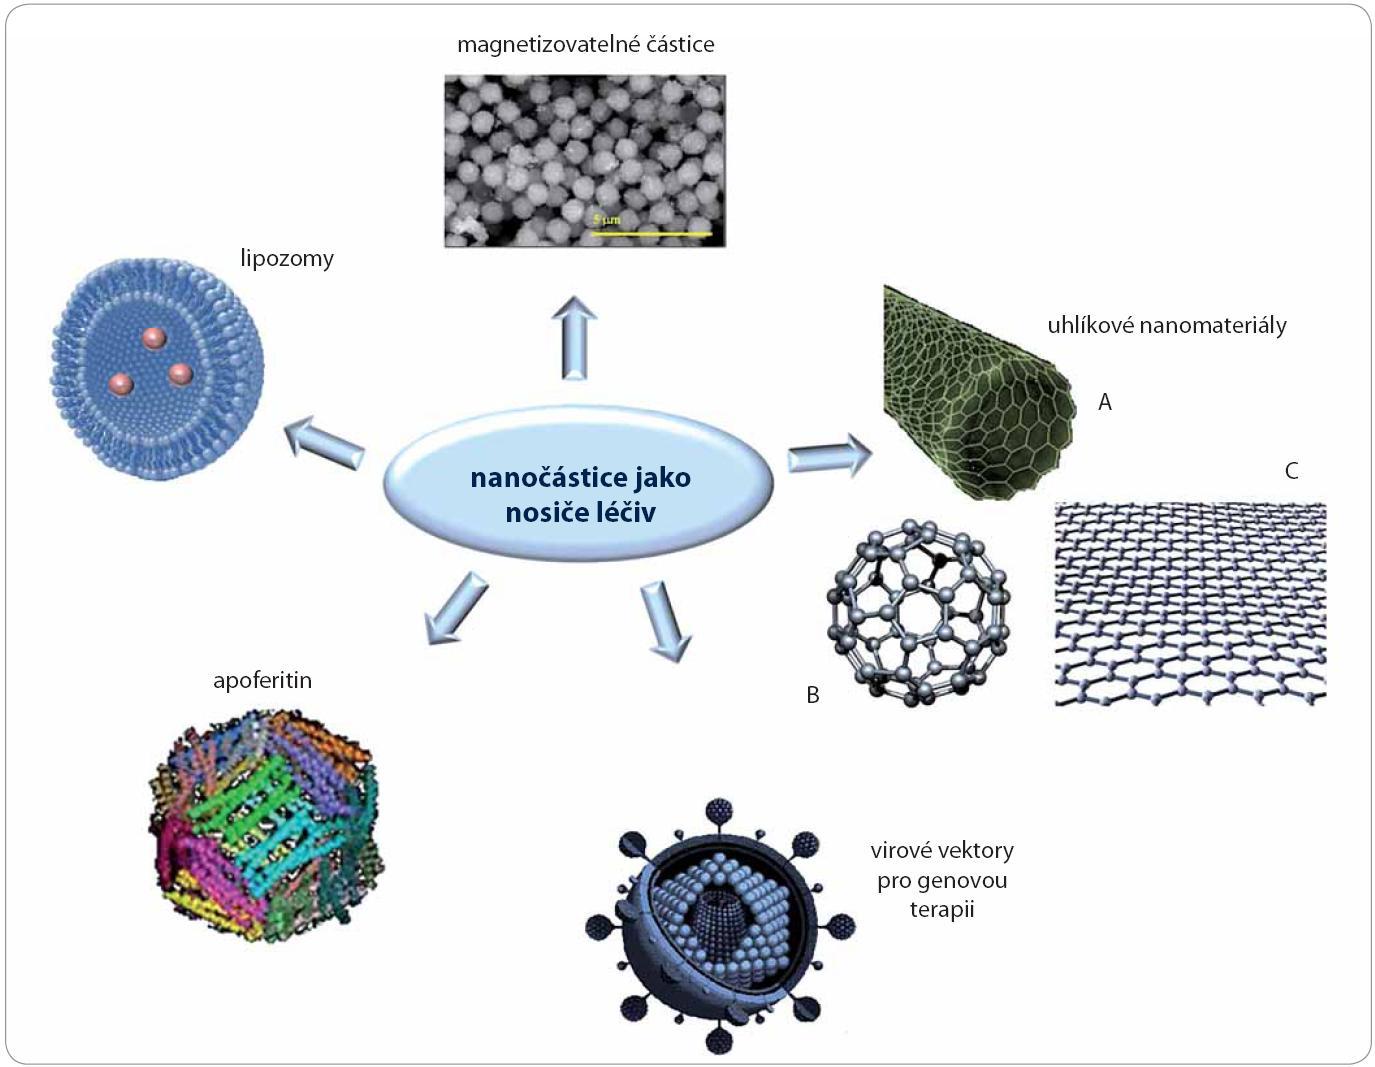 Schéma vybraných nosičů na bázi nanočástic: lipozomy, magnetizovatelné částice, apoferitin, uhlíkové nanomateriály (A – nanotrubice, B – fullereny, C – grafen), virové vektory.